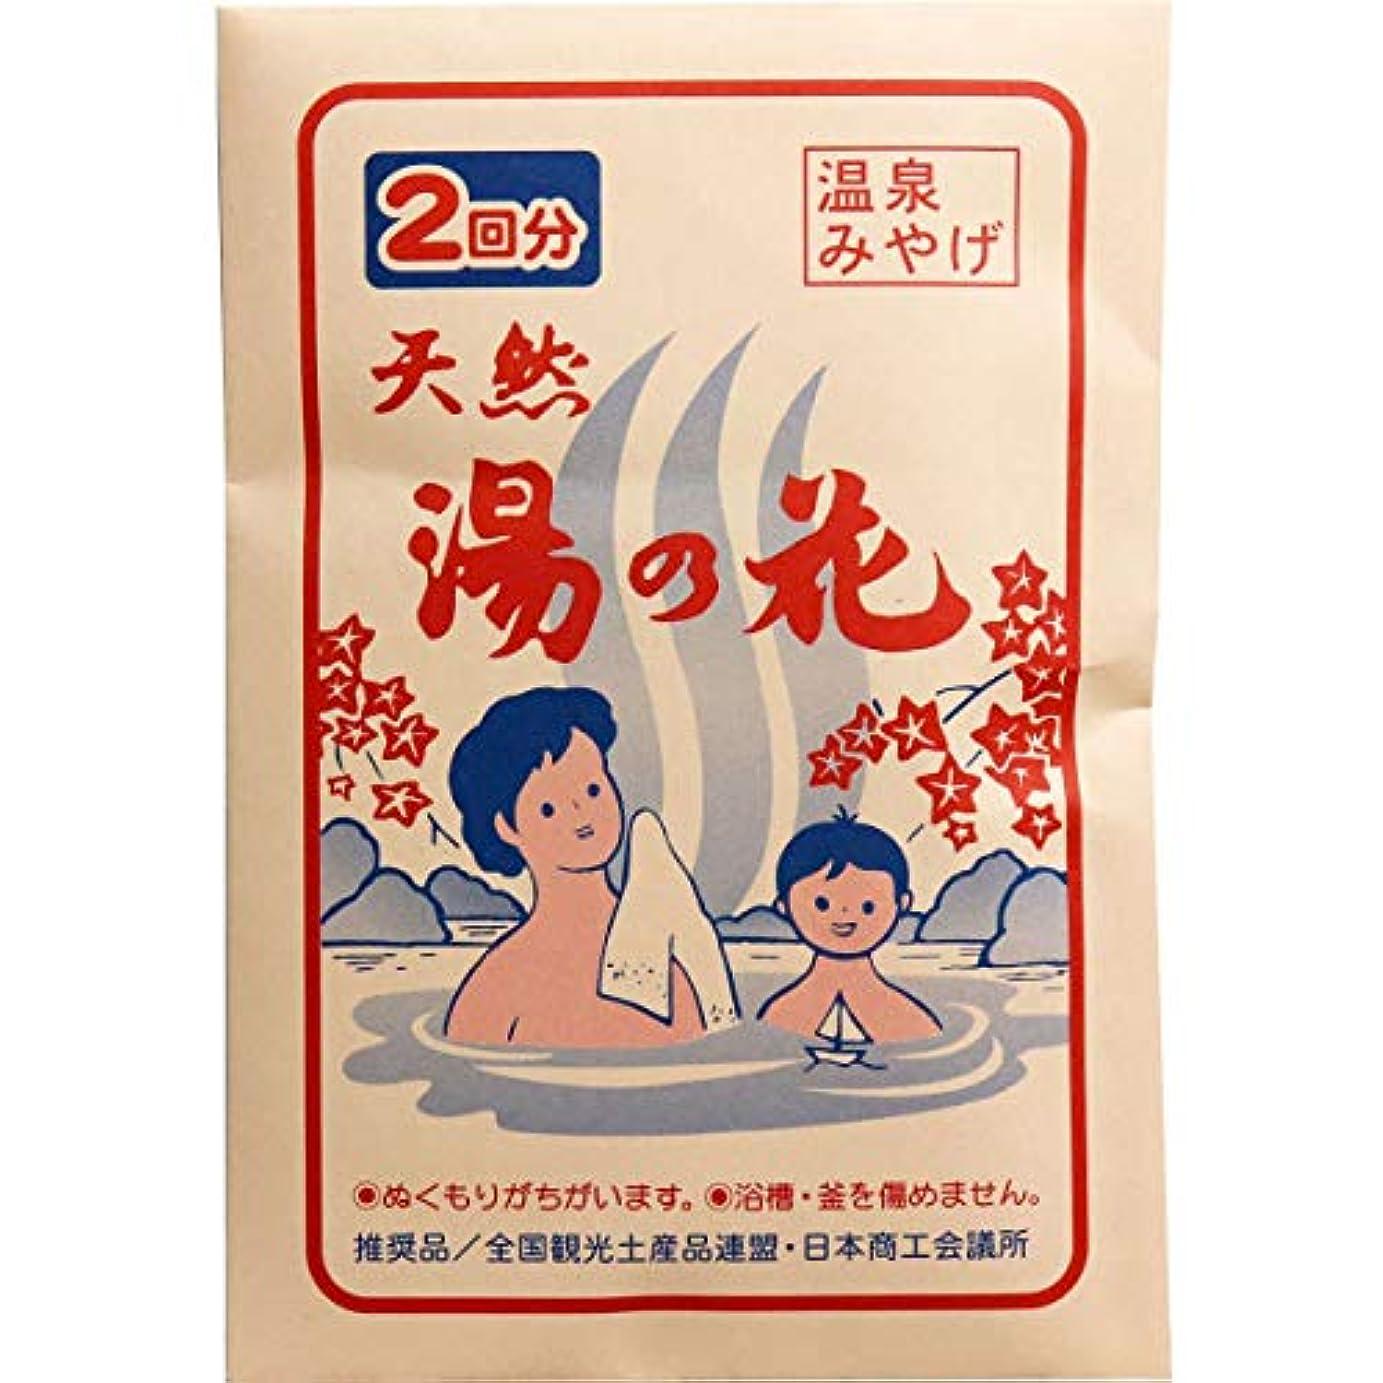 分数入射魔女天然湯の花 小袋分包2回分 KA-2 15g×2包入